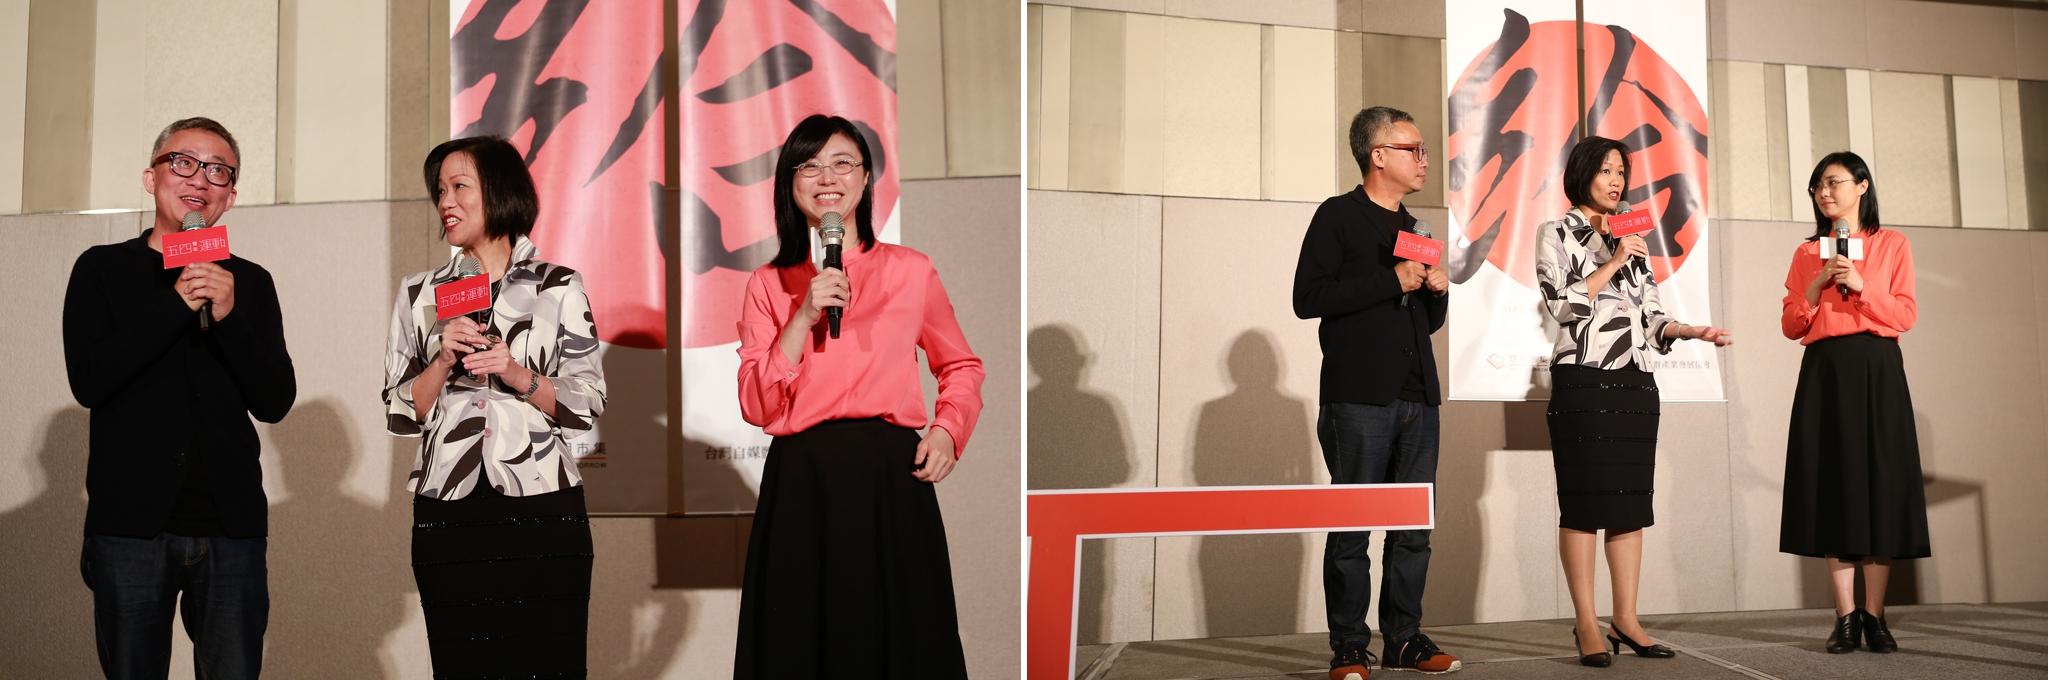 五四青年運動-event-記者會-寒舍艾美酒店-lemeridien-taipei-26.jpg